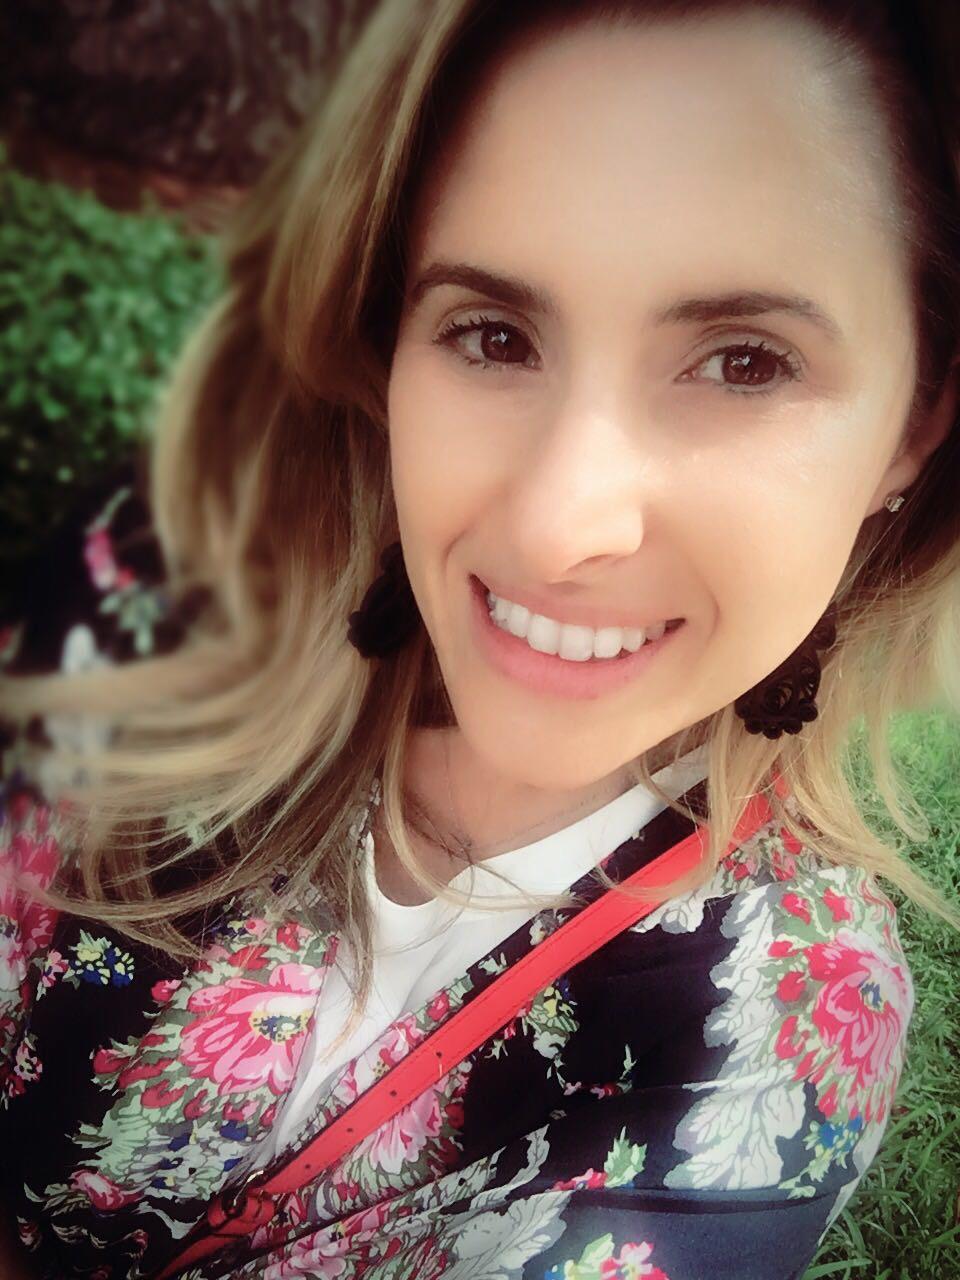 Flavia in Miami